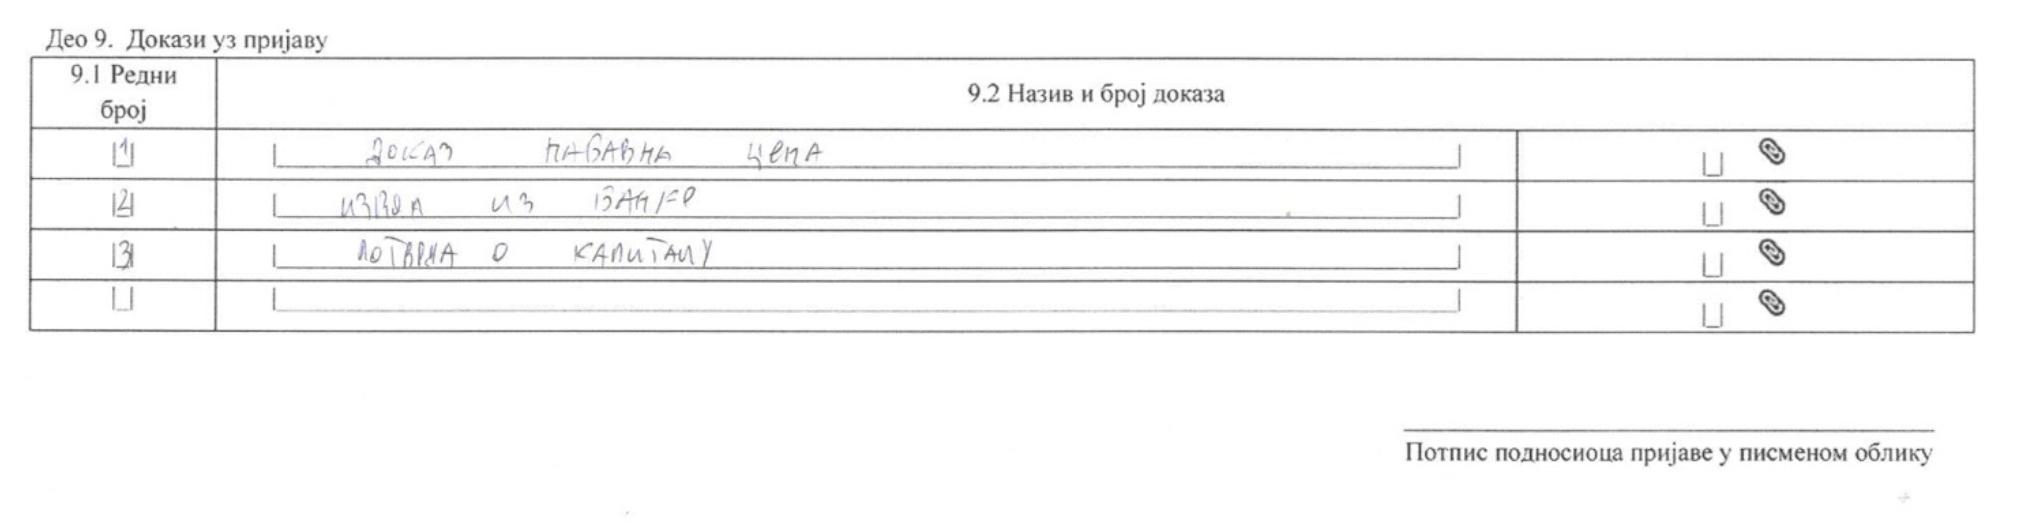 Porez na kriptovalute, PPDG-3R, SLika 4